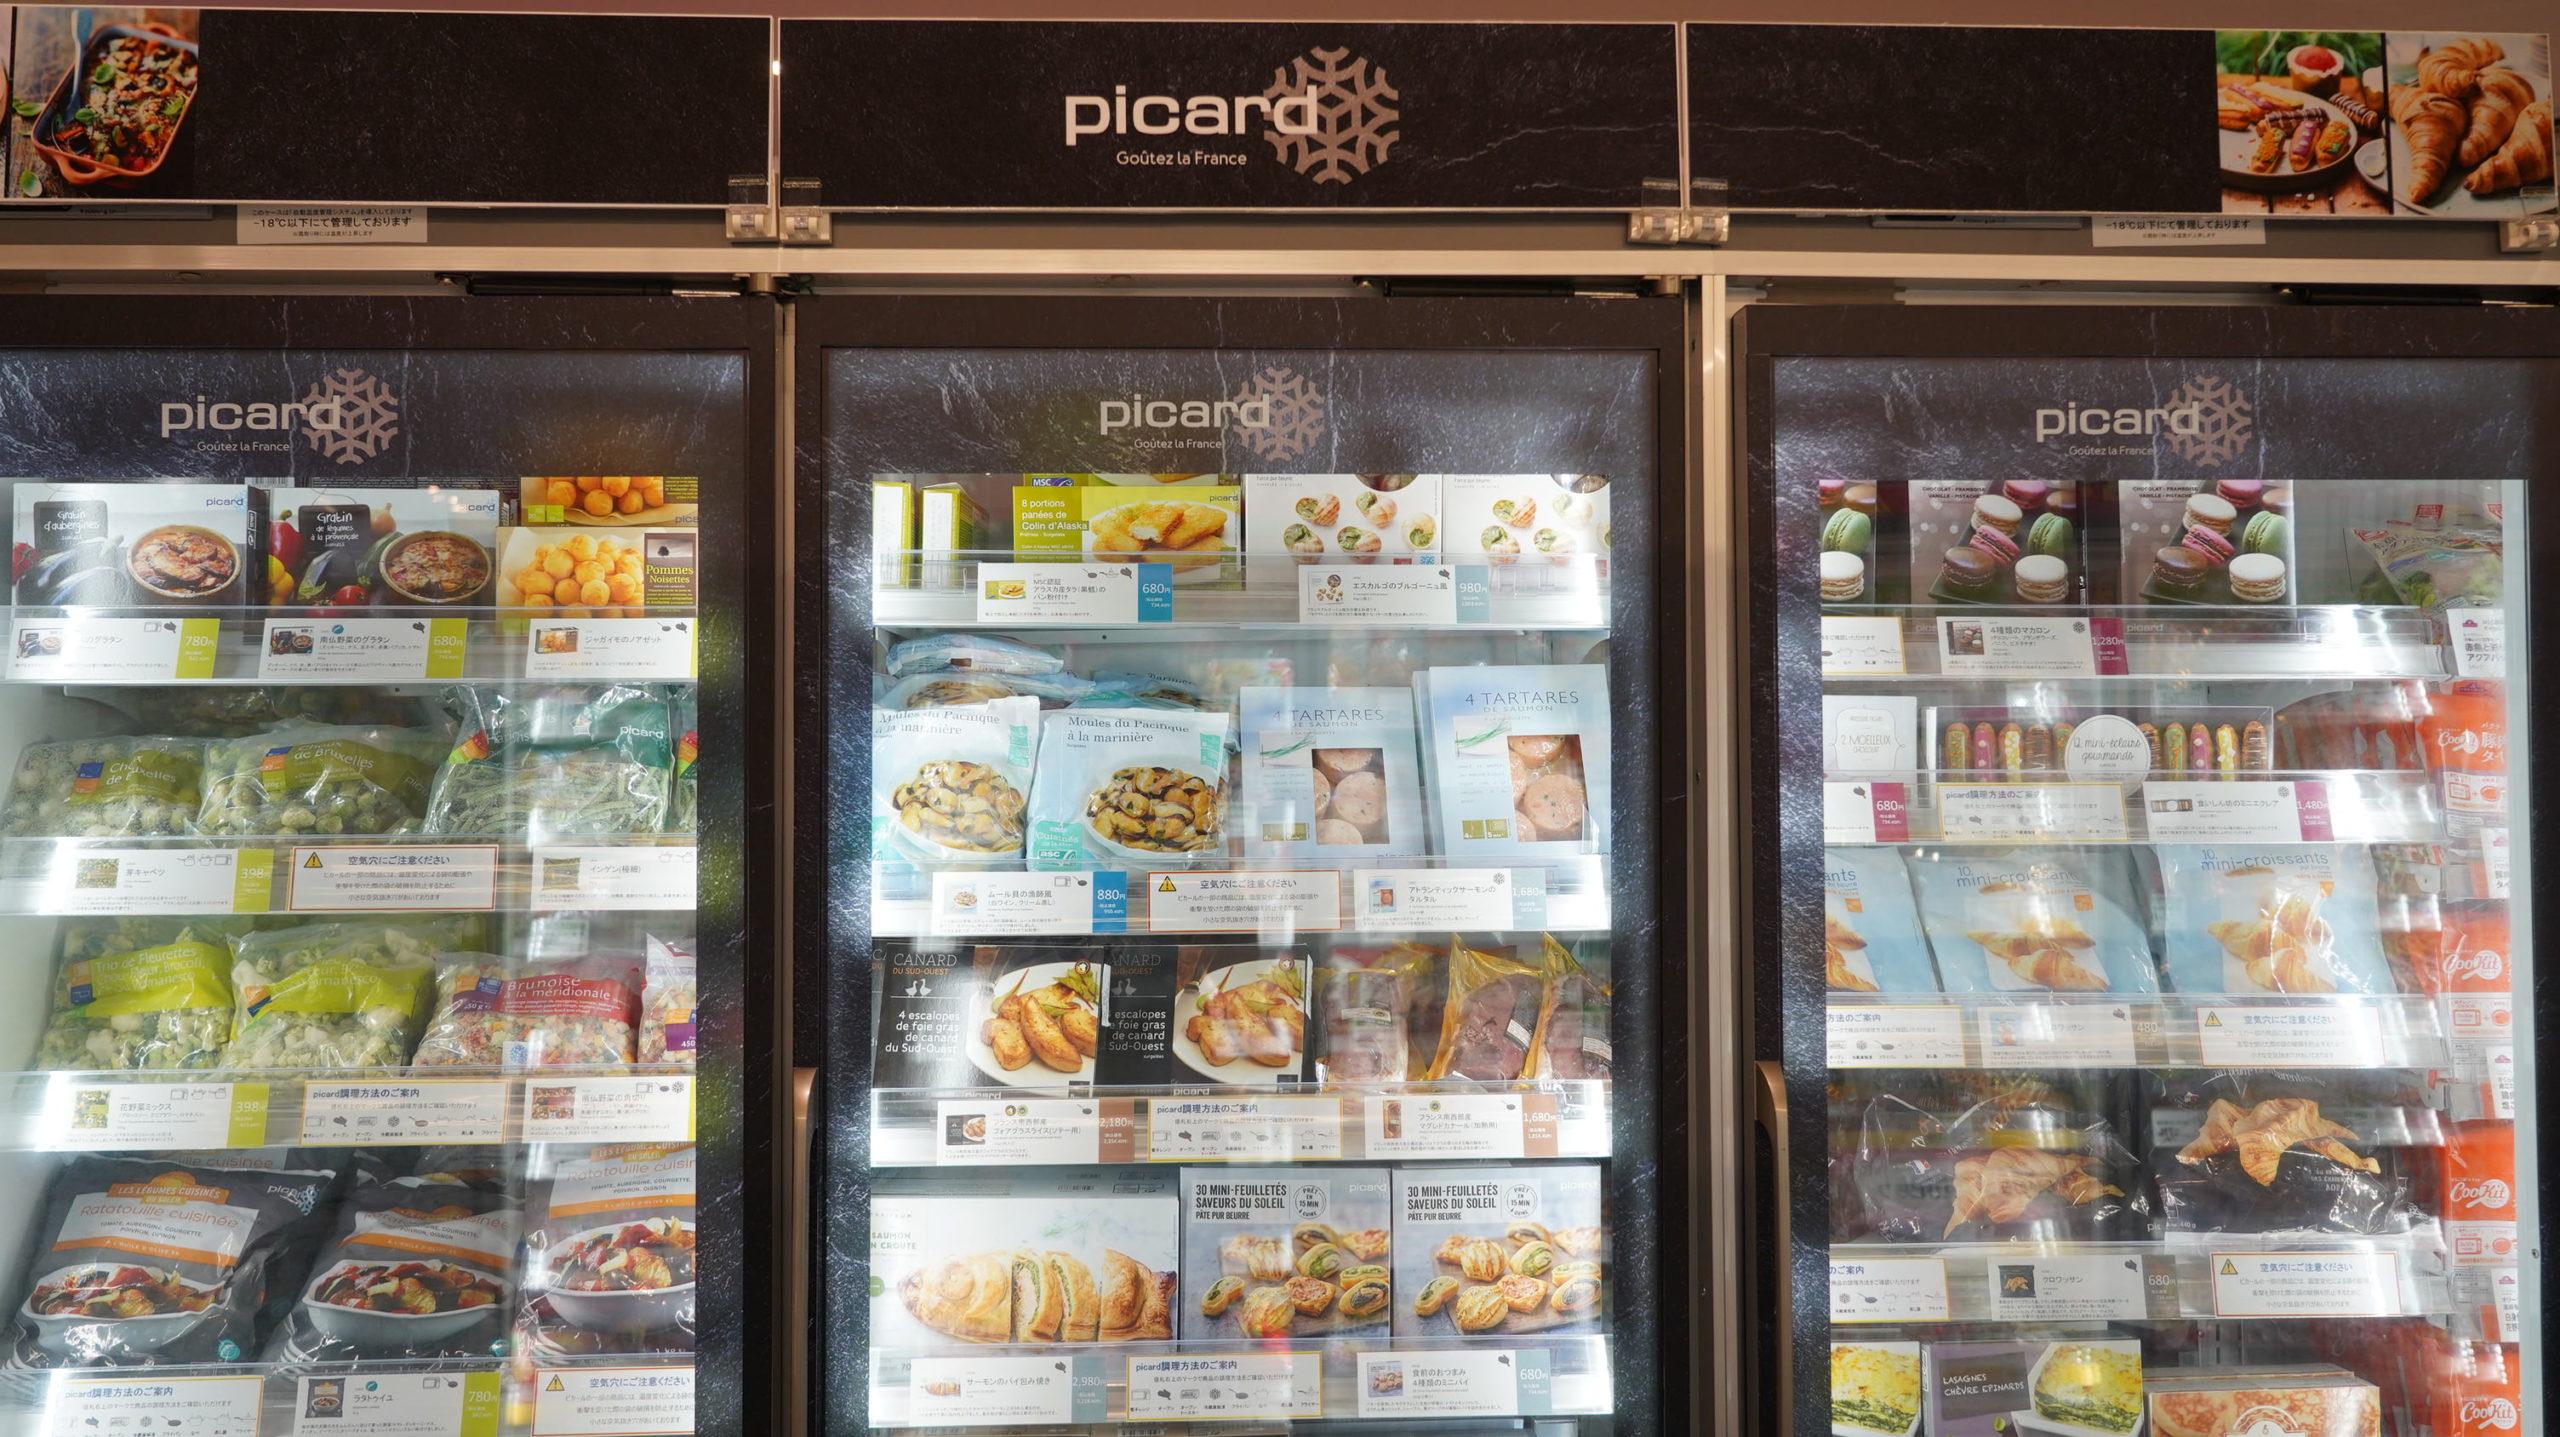 イオン内にあるプティピカール有明店でフランスの冷凍食品が販売される様子1